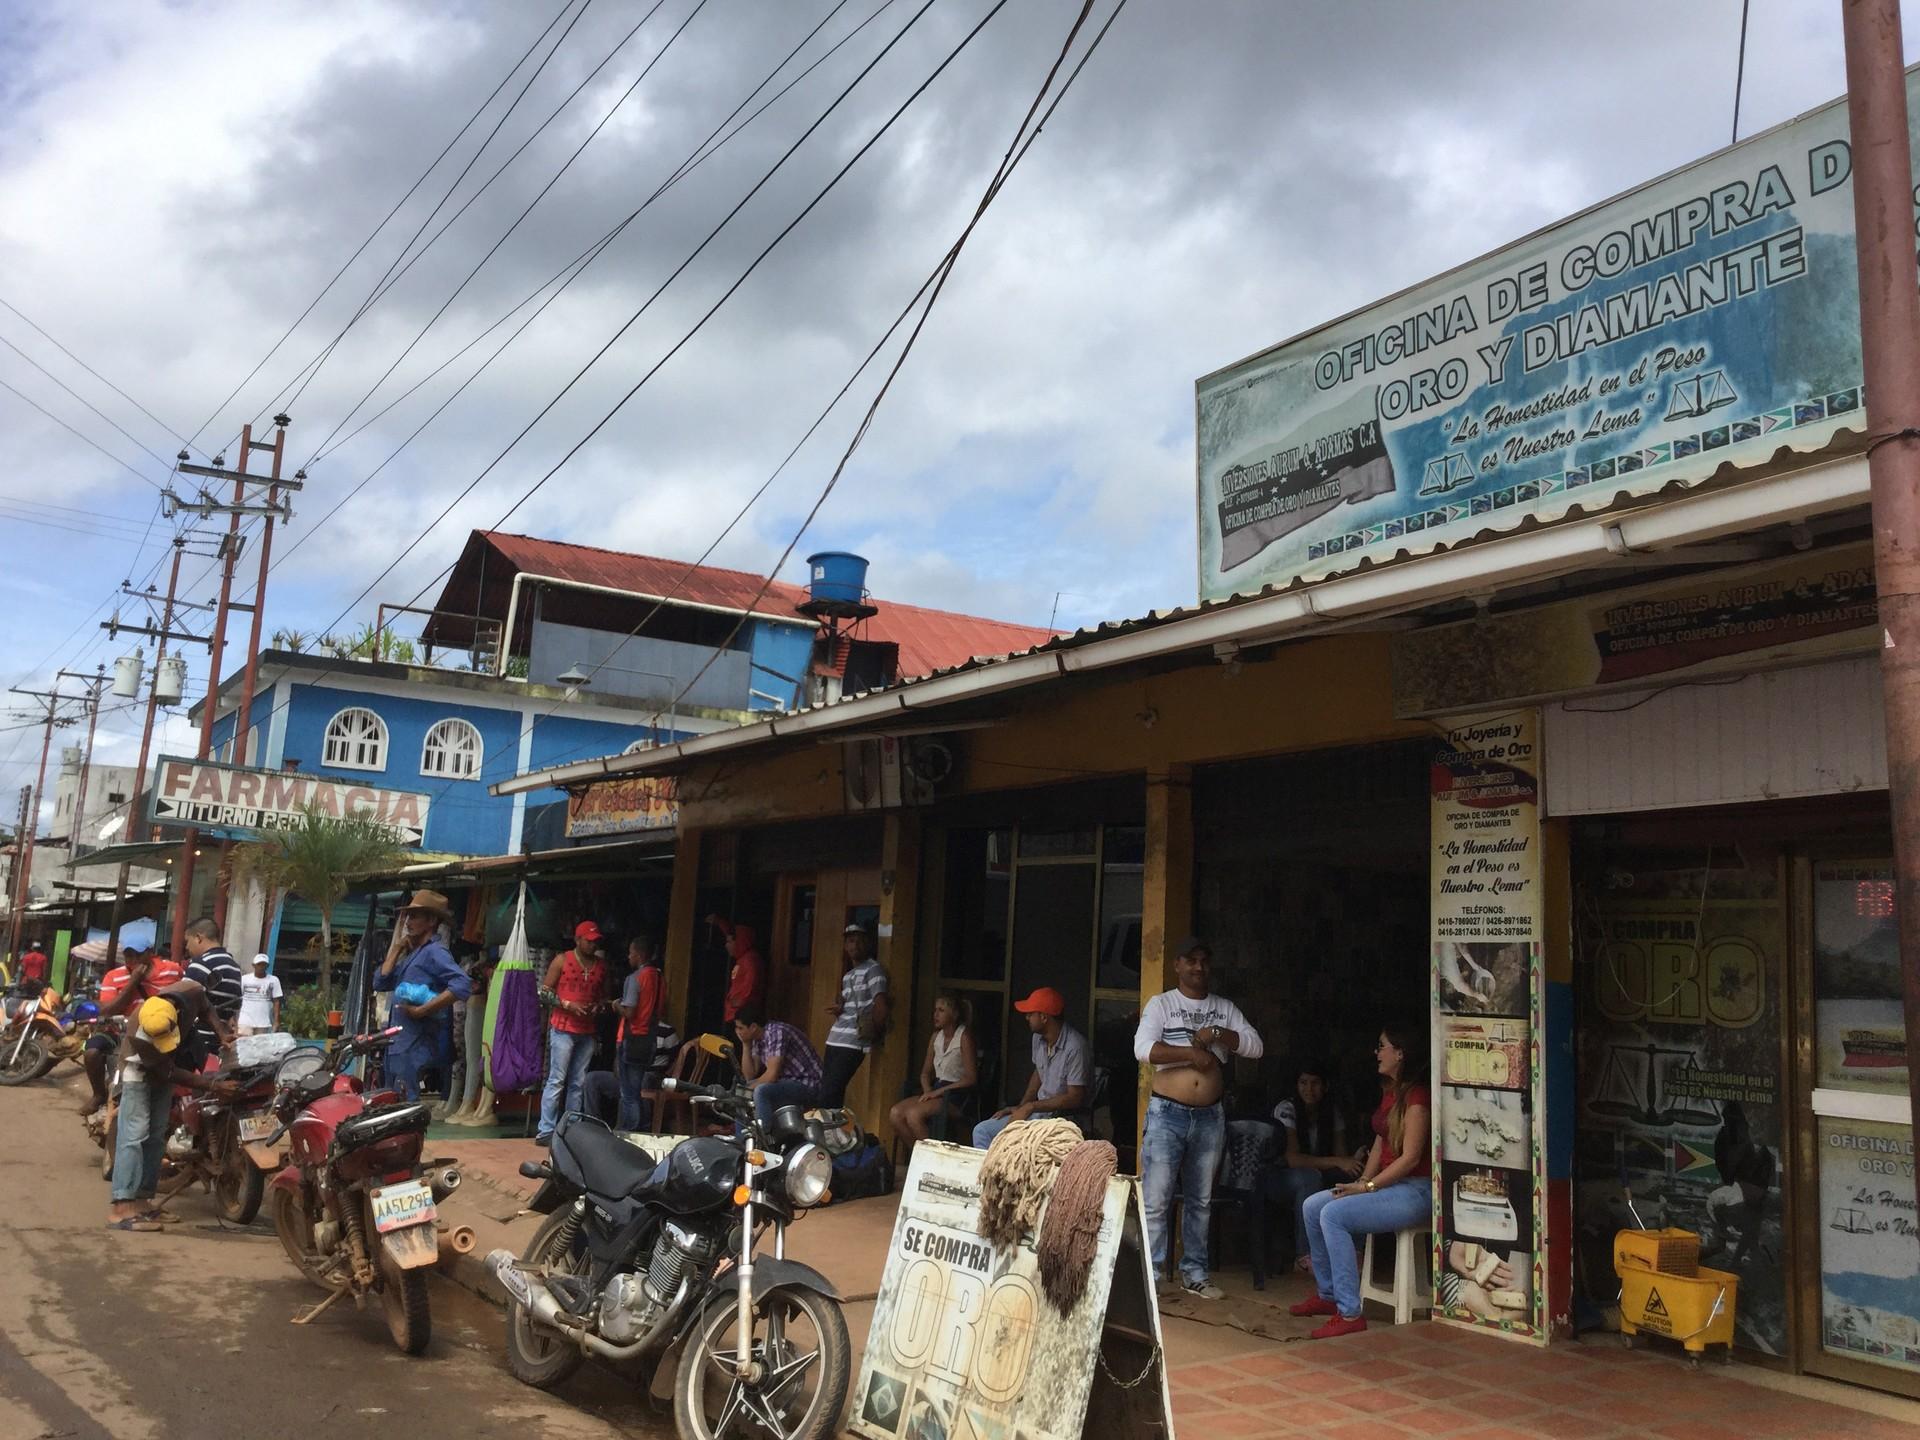 Pueblos de vocación minera, como Las Claritas, sostienen su economía de la compra y venta de oro y diamante.